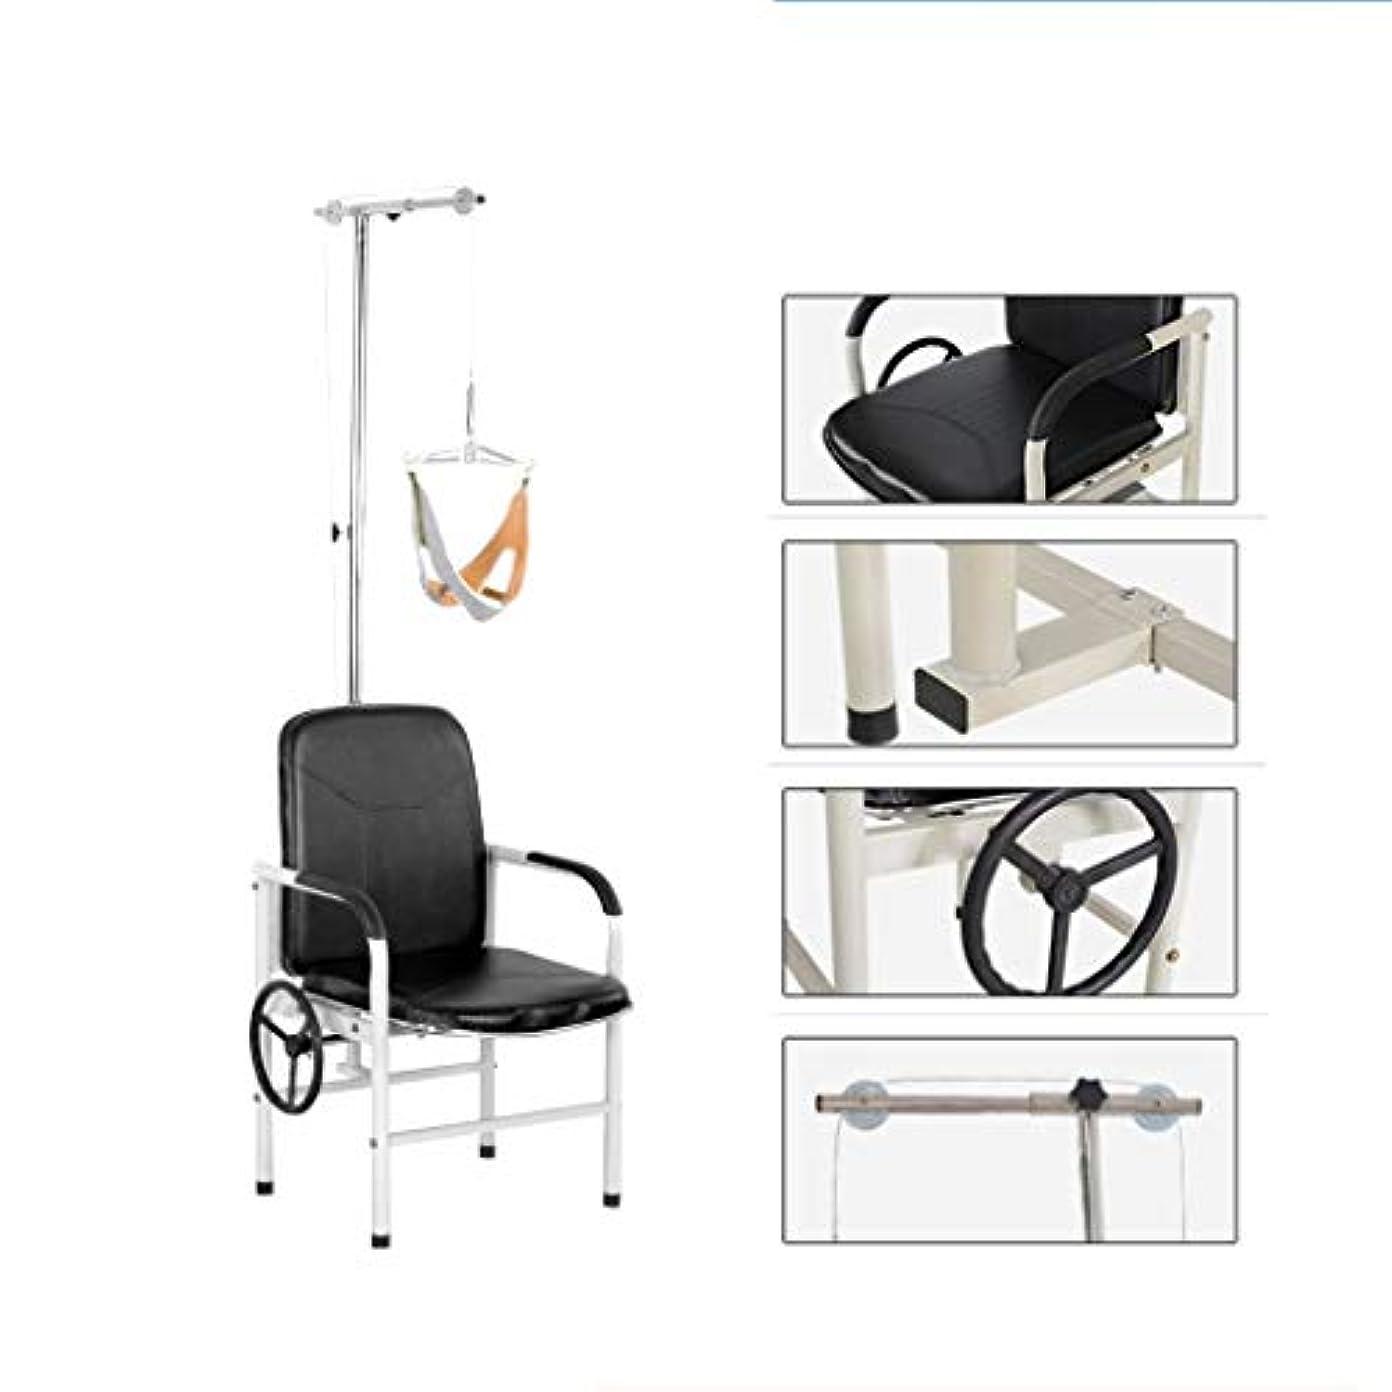 頸椎牽引椅子、頸椎ストレッチ牽引椅子頸椎リハビリテーション補正用の折り畳み式頸椎牽引フレーム 補正牽引フレームの痛みを軽減 折り畳み式脊椎減圧装置チェア,黒